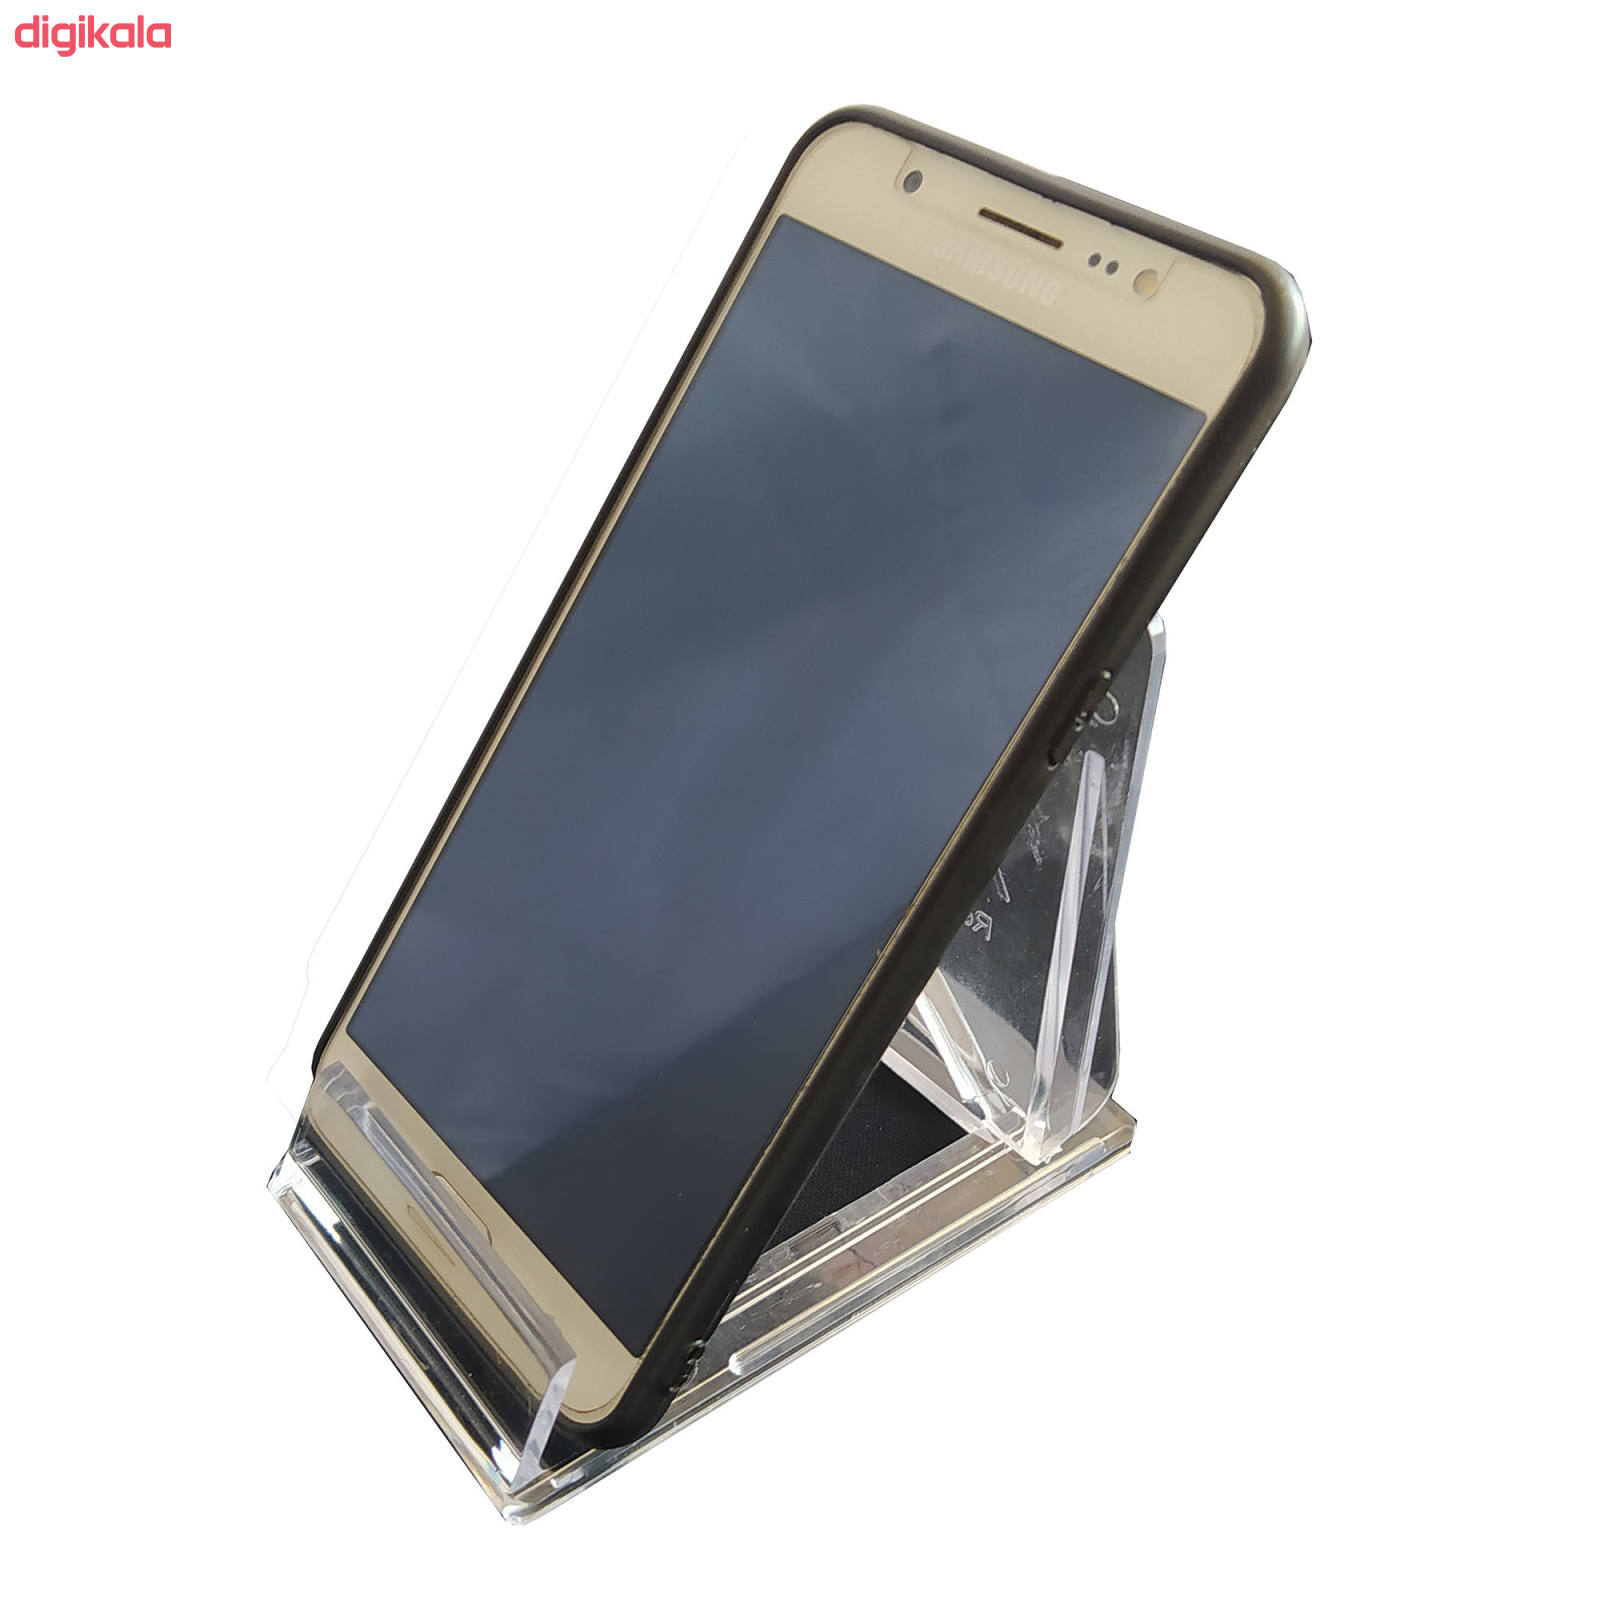 پایه نگهدارنده گوشی موبایل و تبلت پلی نیک کد 1331 main 1 1